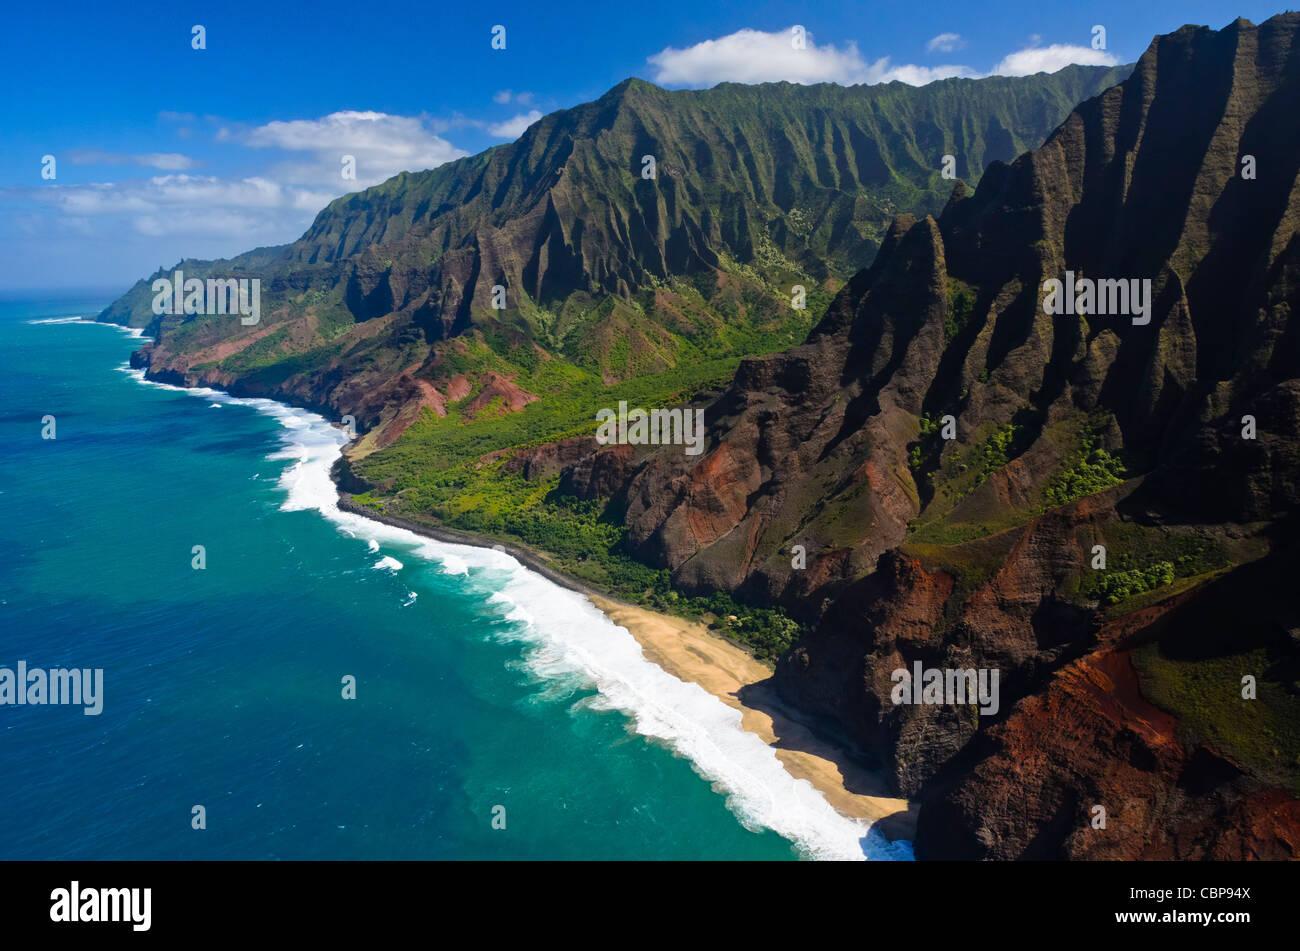 Na Pali coast, Kauai, Hawaii, USA - Stock Image